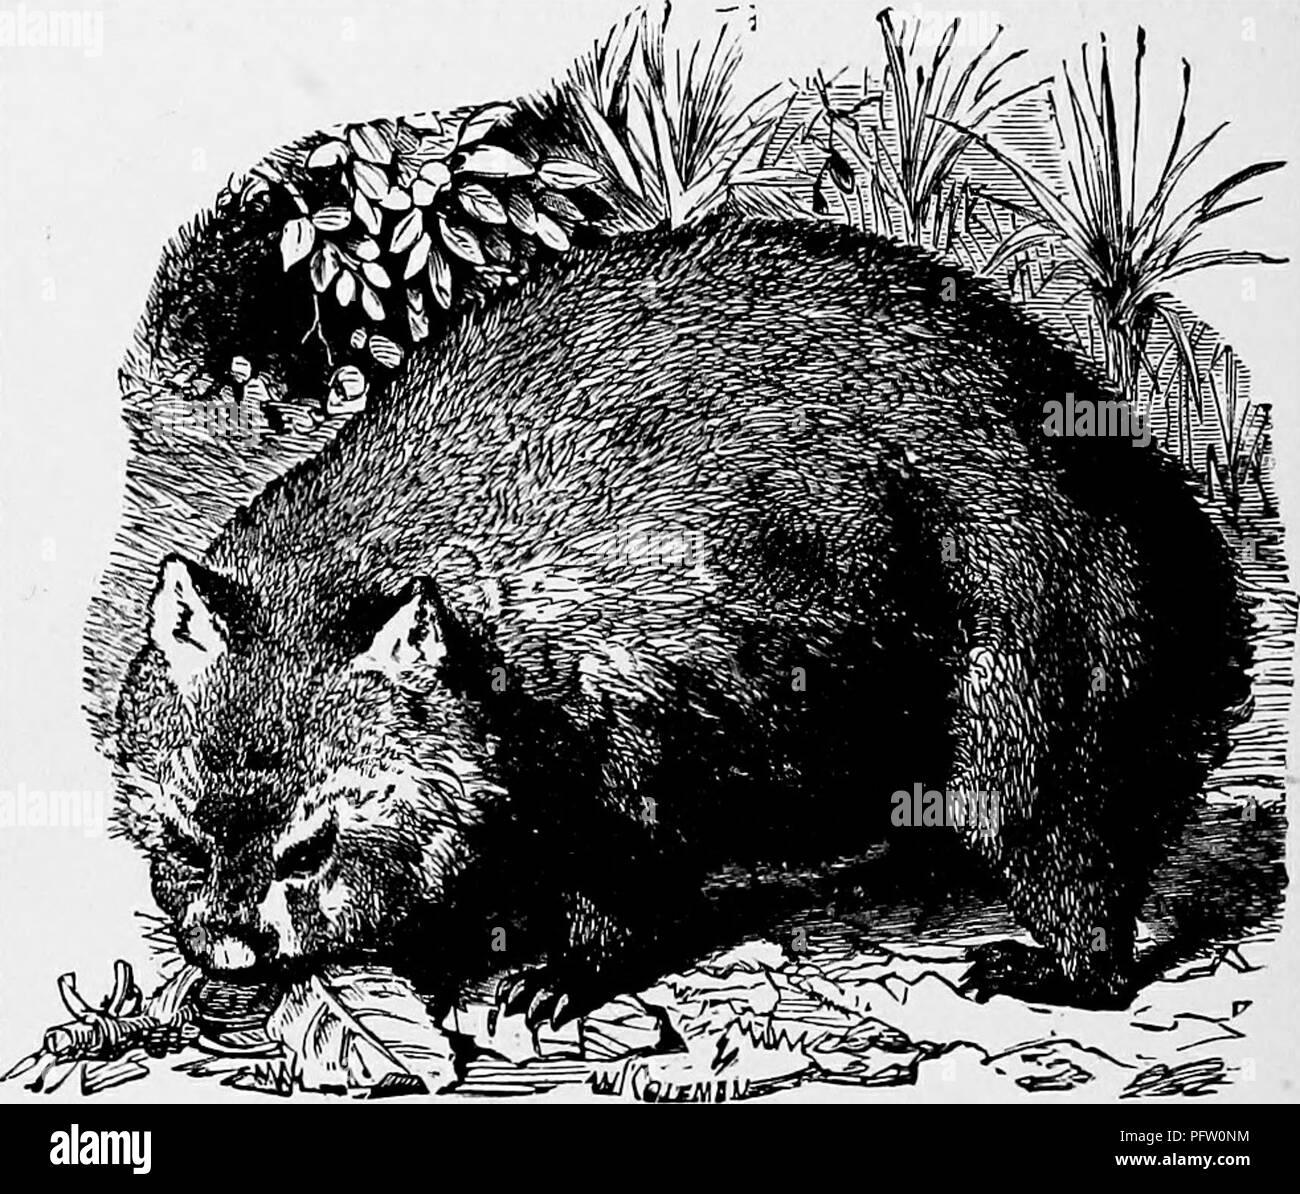 . La popular historia natural . La zoología. Ii6 el wombat. El Wombat, tejón o australianas, como popularmente se le llama a los colonos, es tan singularmente a diferencia de los precedentes y subsecuentes a los animales en su aspecto y hábitos, que bien podría suponerse que pertenecen a muy distintos. Como podría ser imaginado desde su cuerpo pesado y patas cortas, el wombat no es un animal activo, pero camina junto a su propio ritmo, con un fuerte rolling waddle o cojear, como el andar de un oso muy gordo. Se encuentra en casi todas partes de Australia. El pelaje de los Wombat es cálido, largas y muy duras para Foto de stock